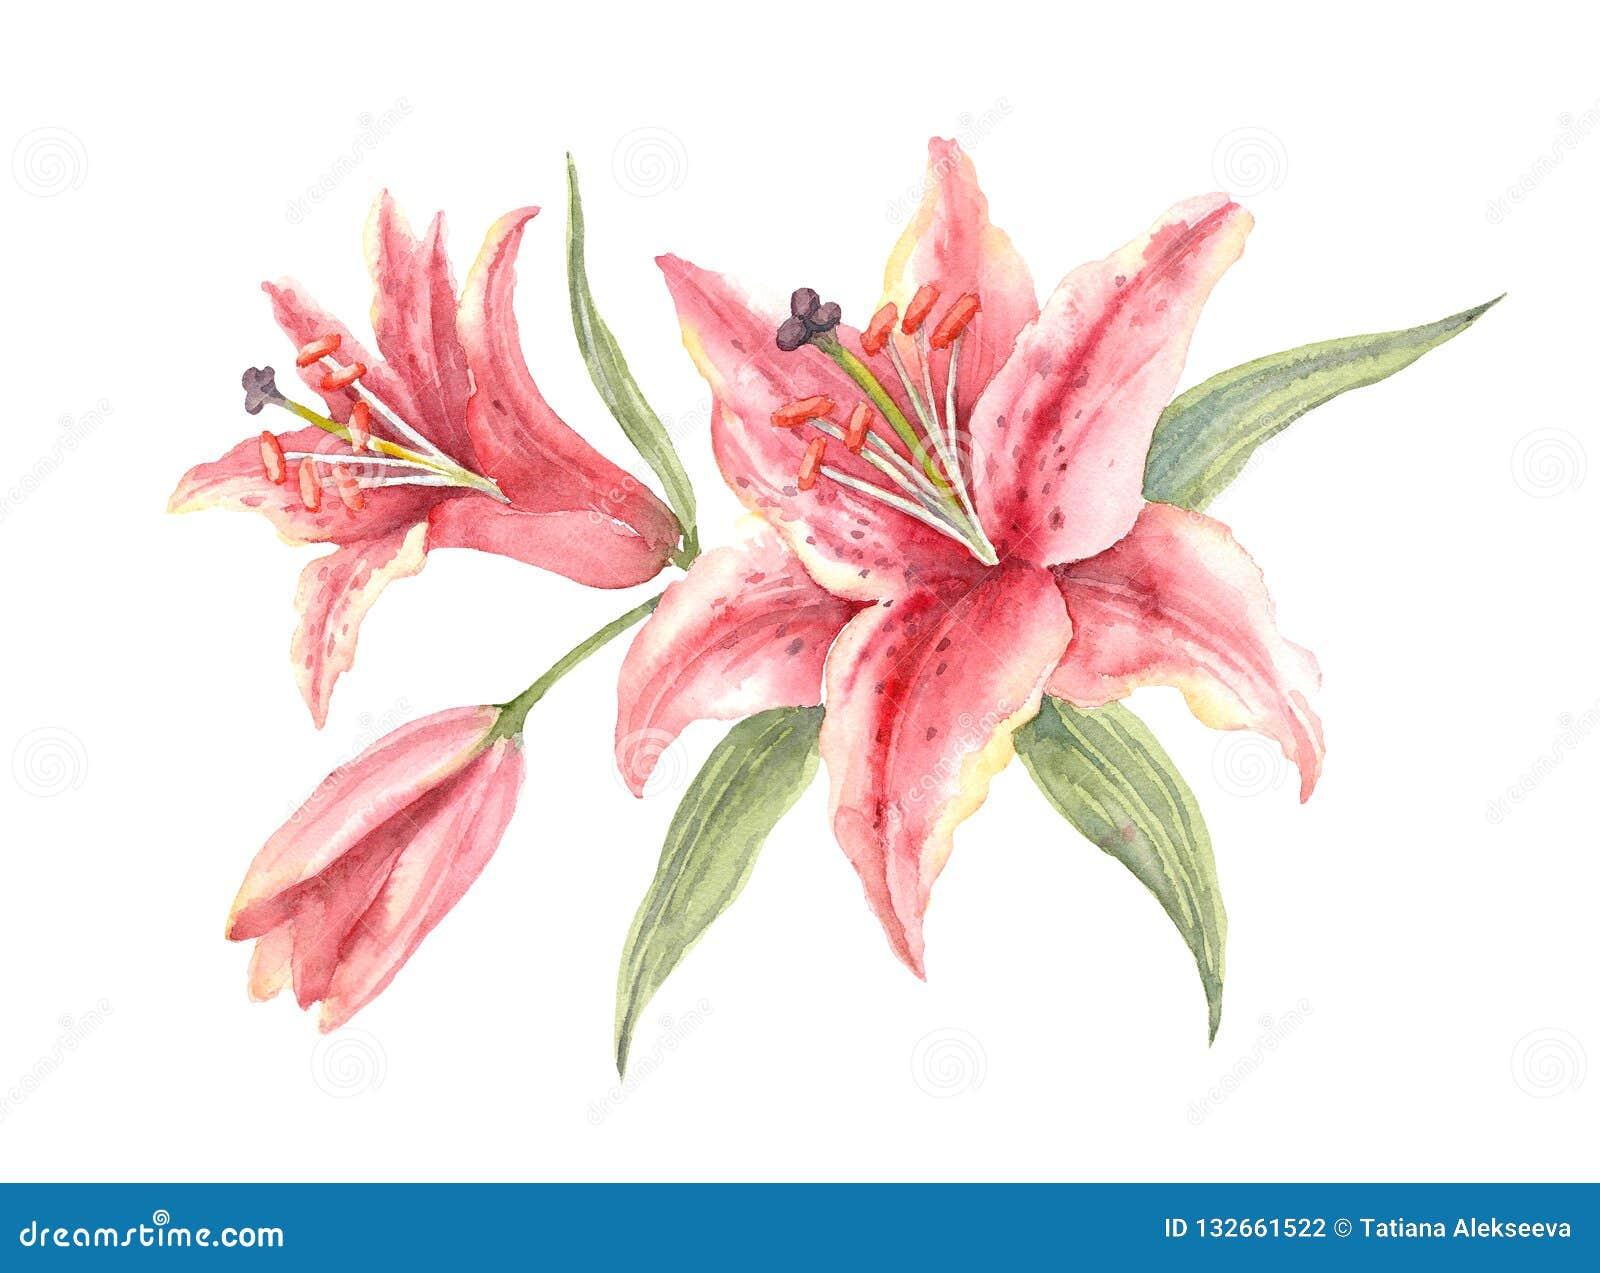 Bush Pink Stargazer Lilies on a white background